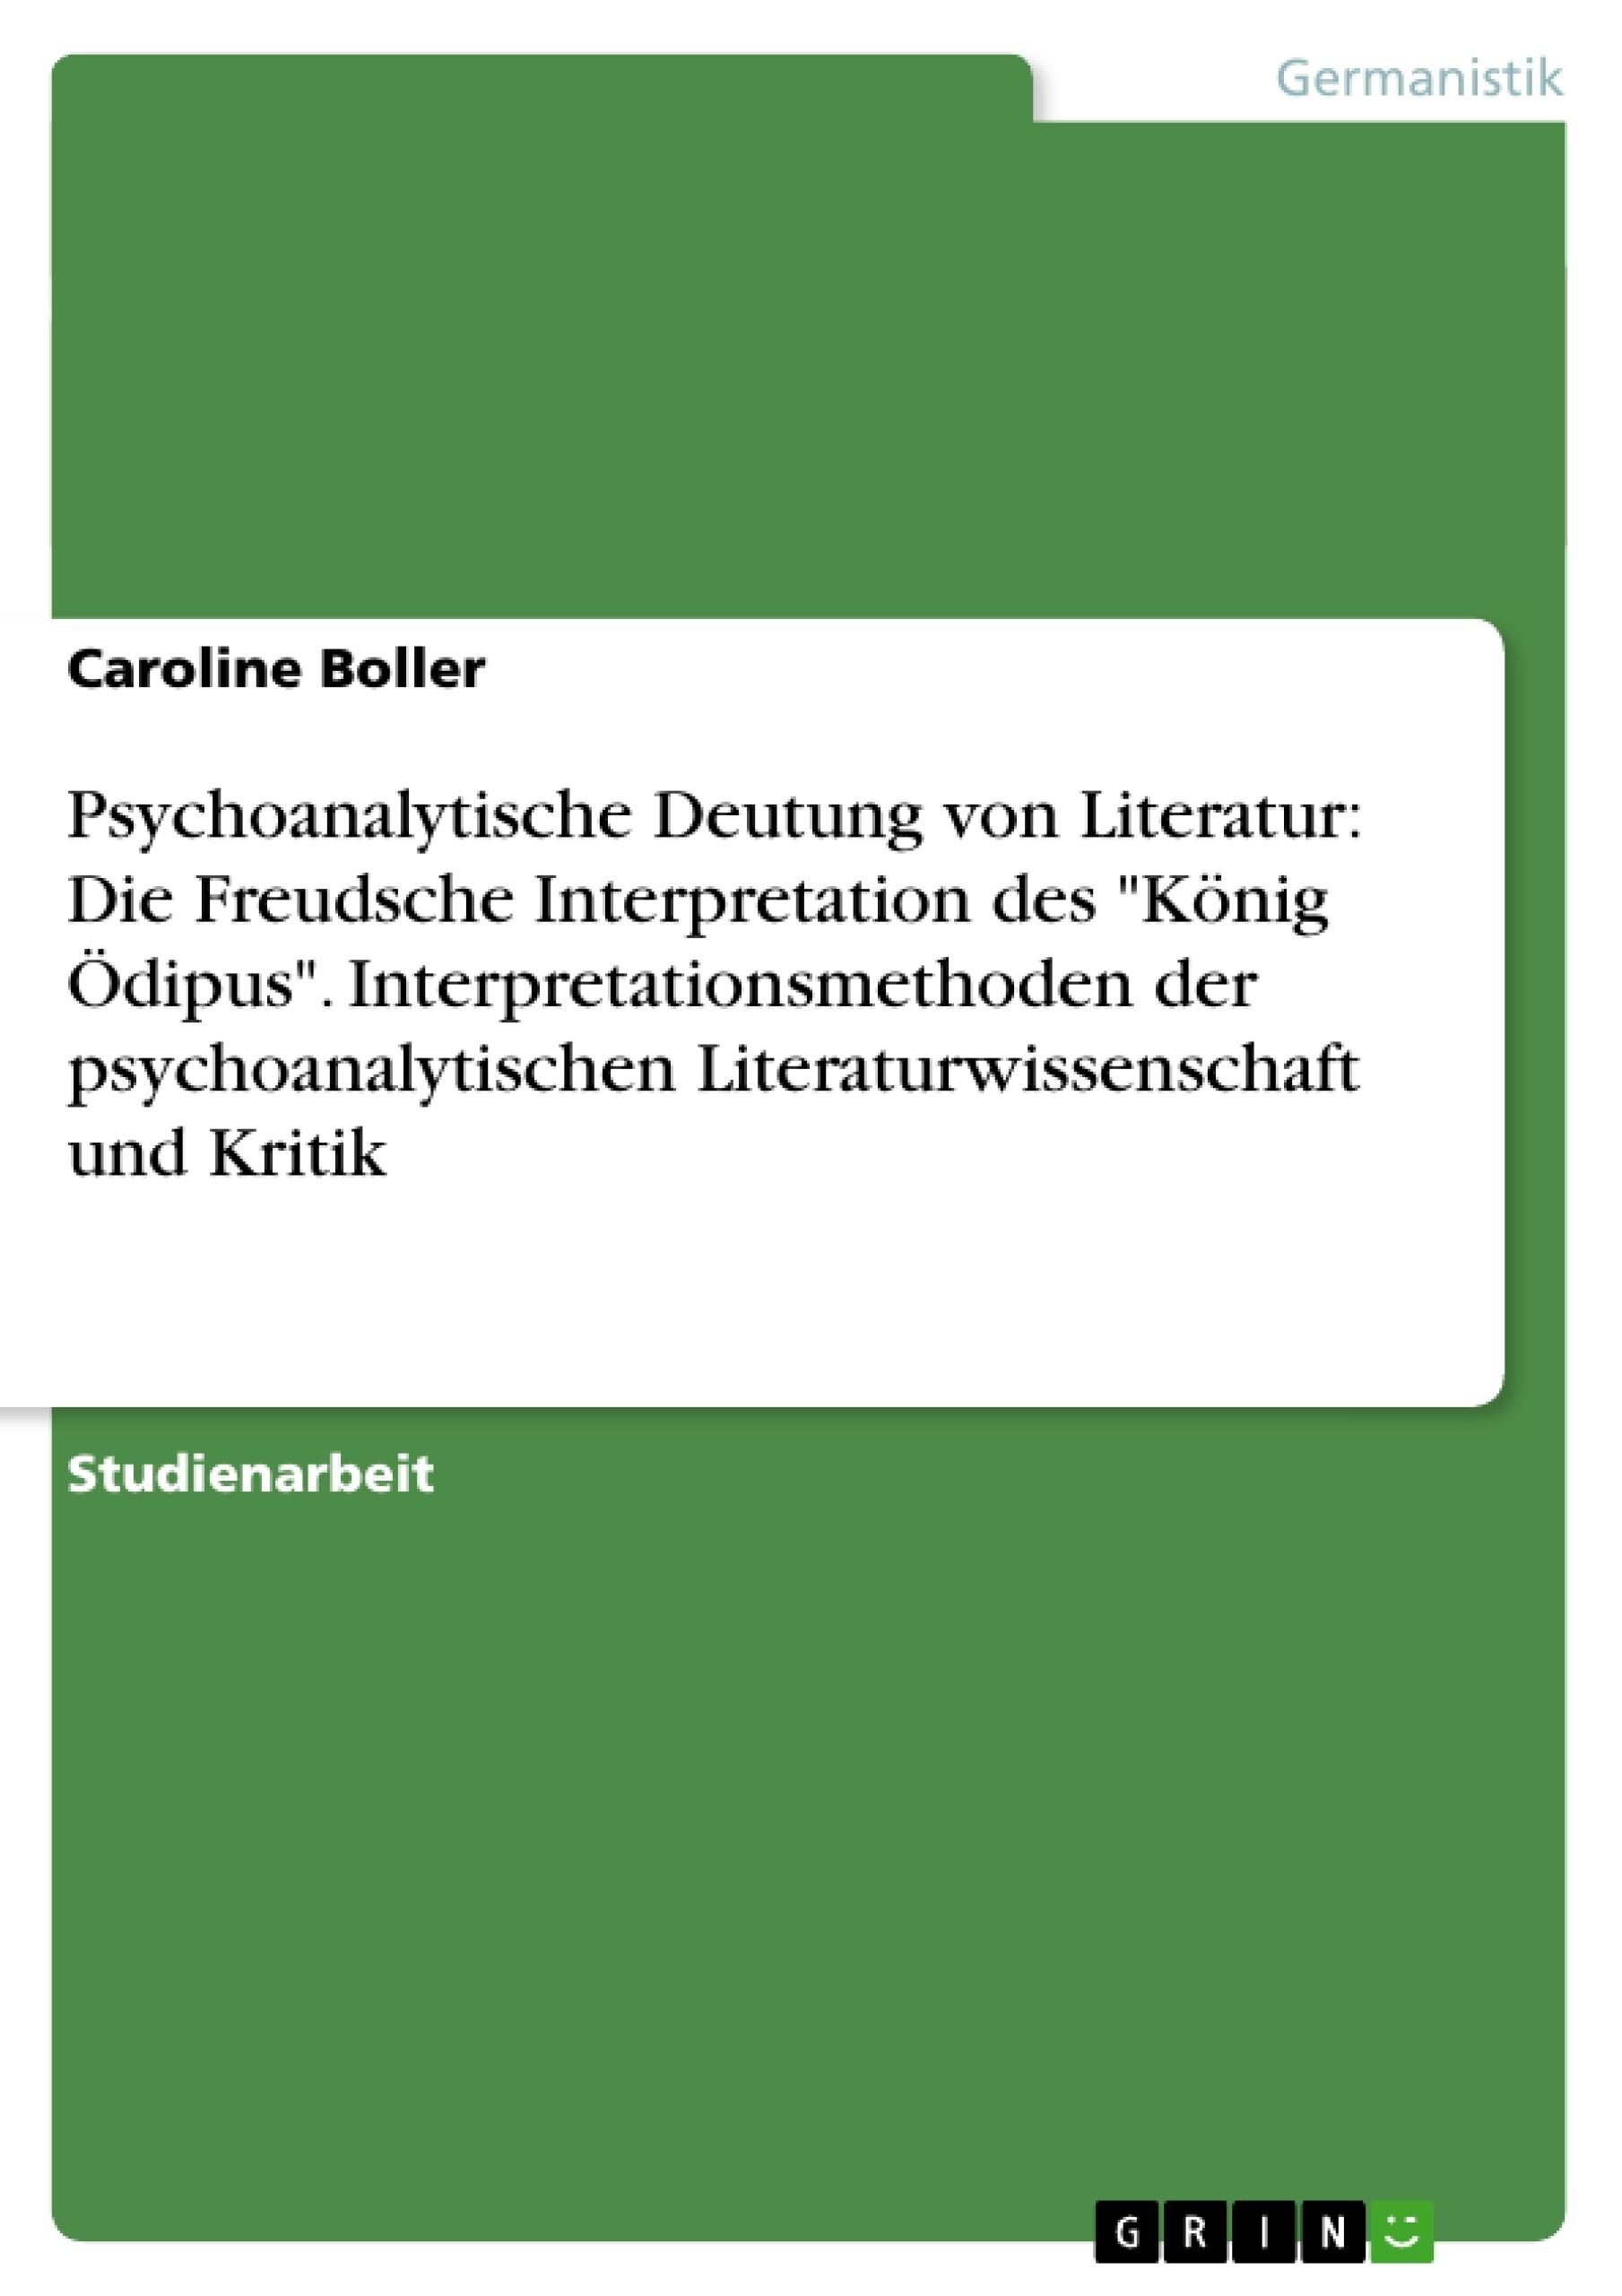 """Titel: Psychoanalytische Deutung von Literatur: Die Freudsche Interpretation des """"König Ödipus"""". Interpretationsmethoden der psychoanalytischen Literaturwissenschaft und Kritik"""